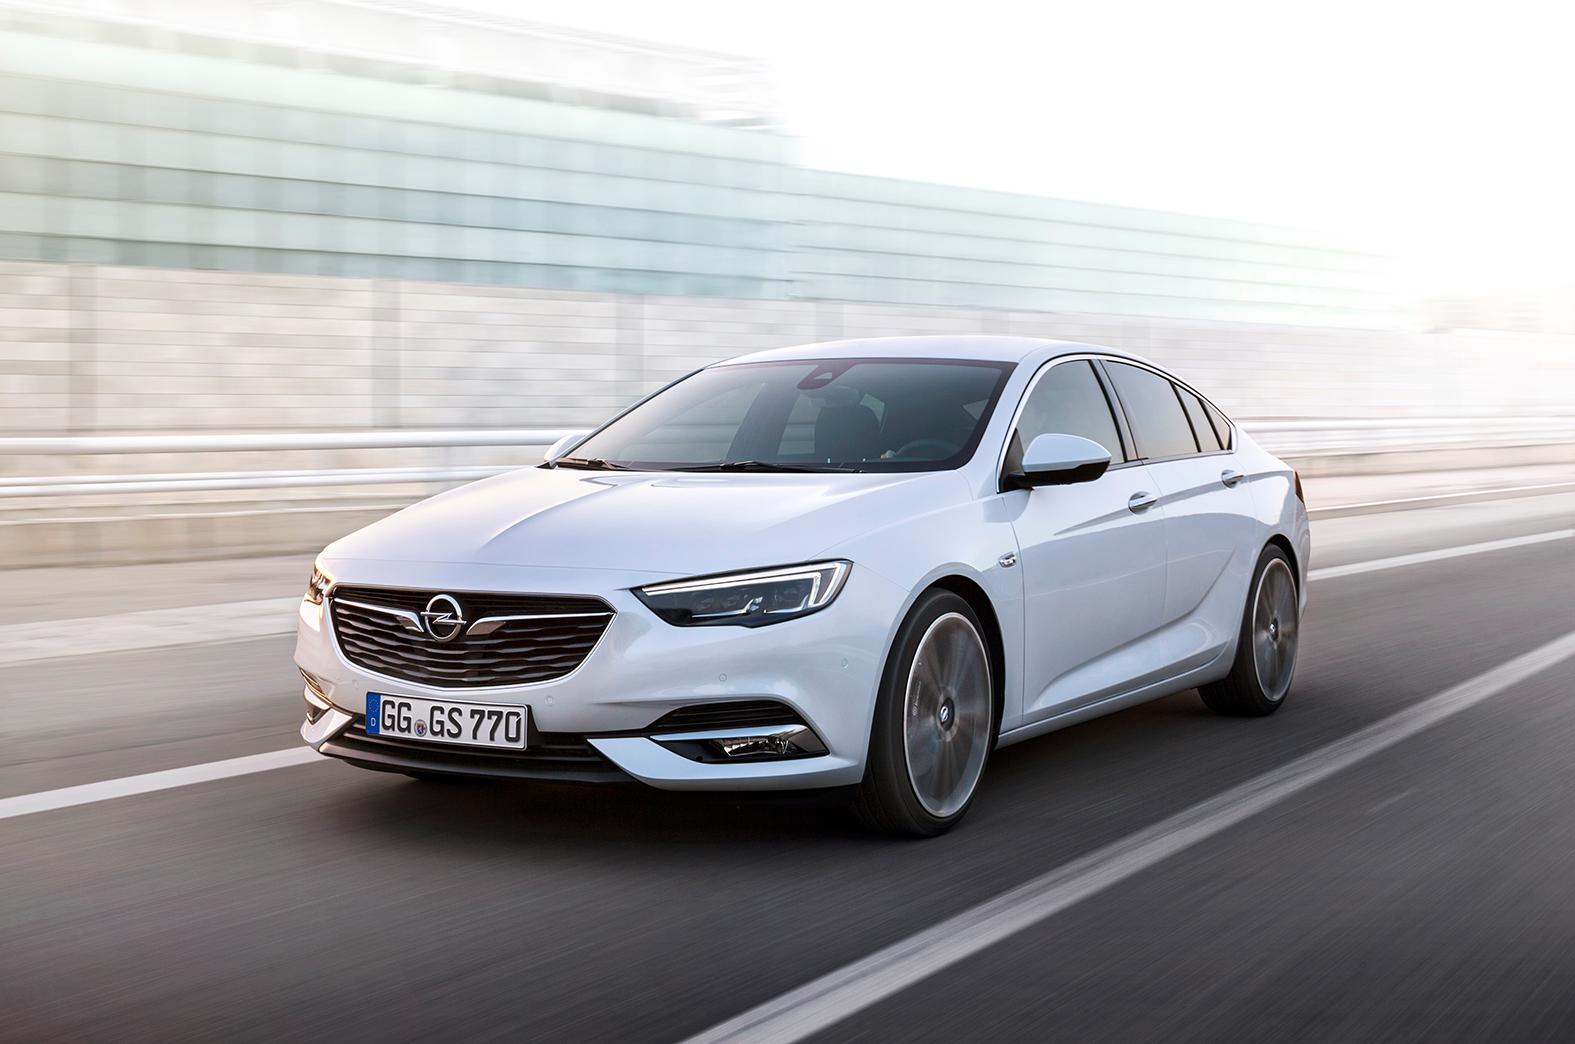 01_Opel-Insignia-Grand-Sport-304397